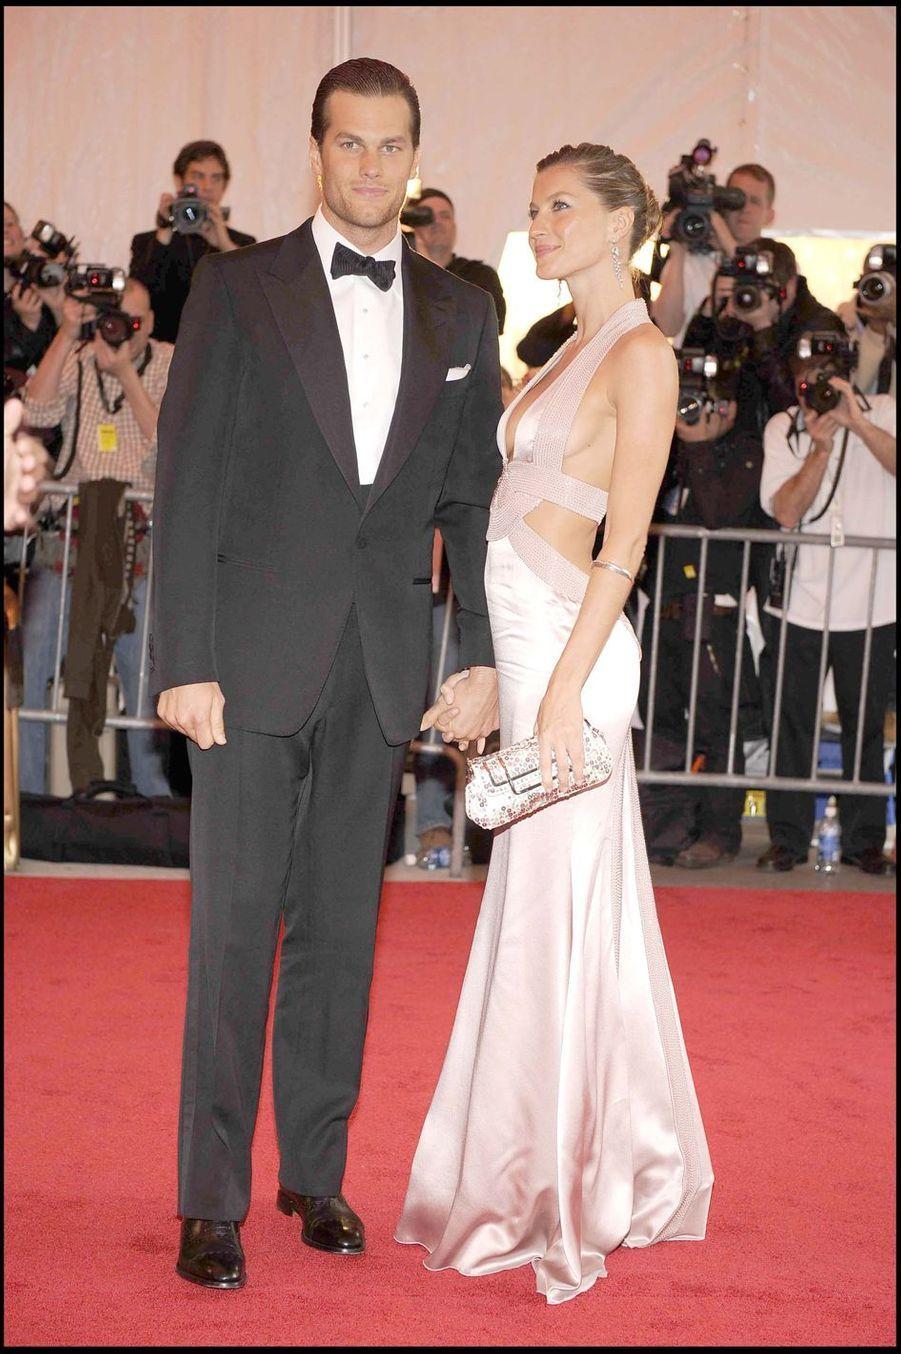 Tom Brady et Gisele Bündchen lors de la soirée de gala au Metropolitan Museum de New York, le 5 mai 2008